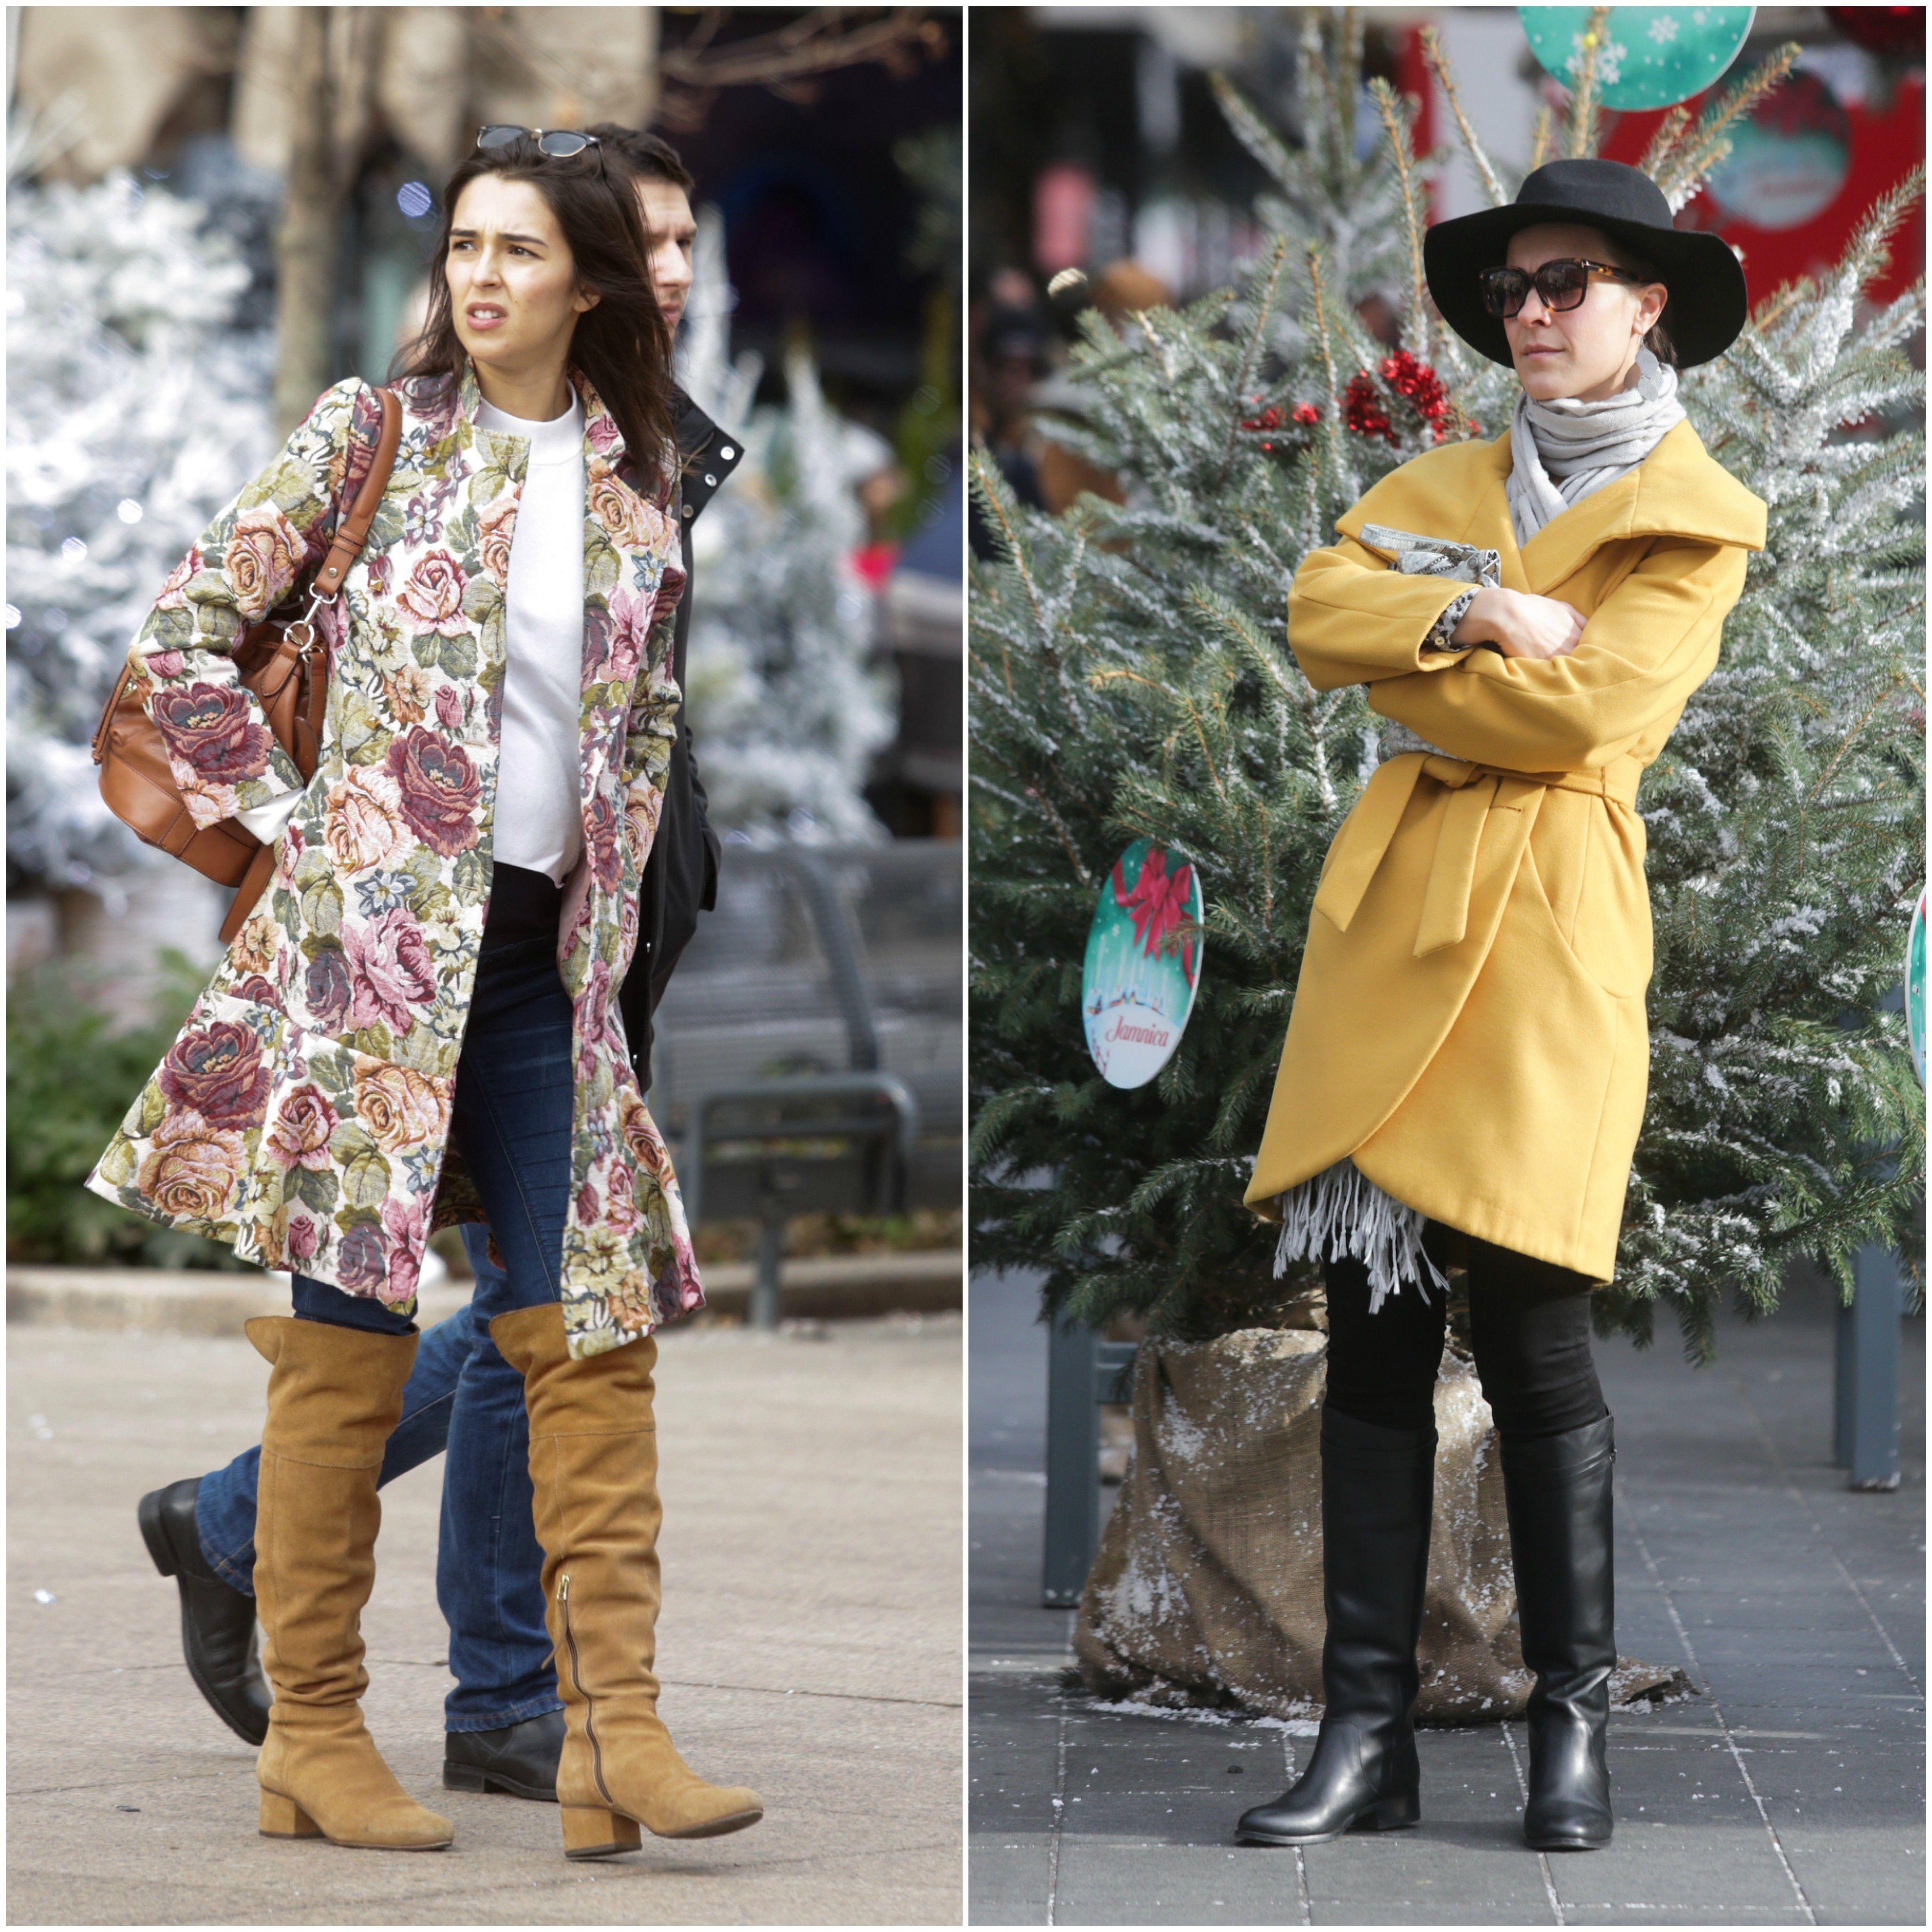 One su svojim kaputićima razvedrile zimski dan - koja ima bolji styling?